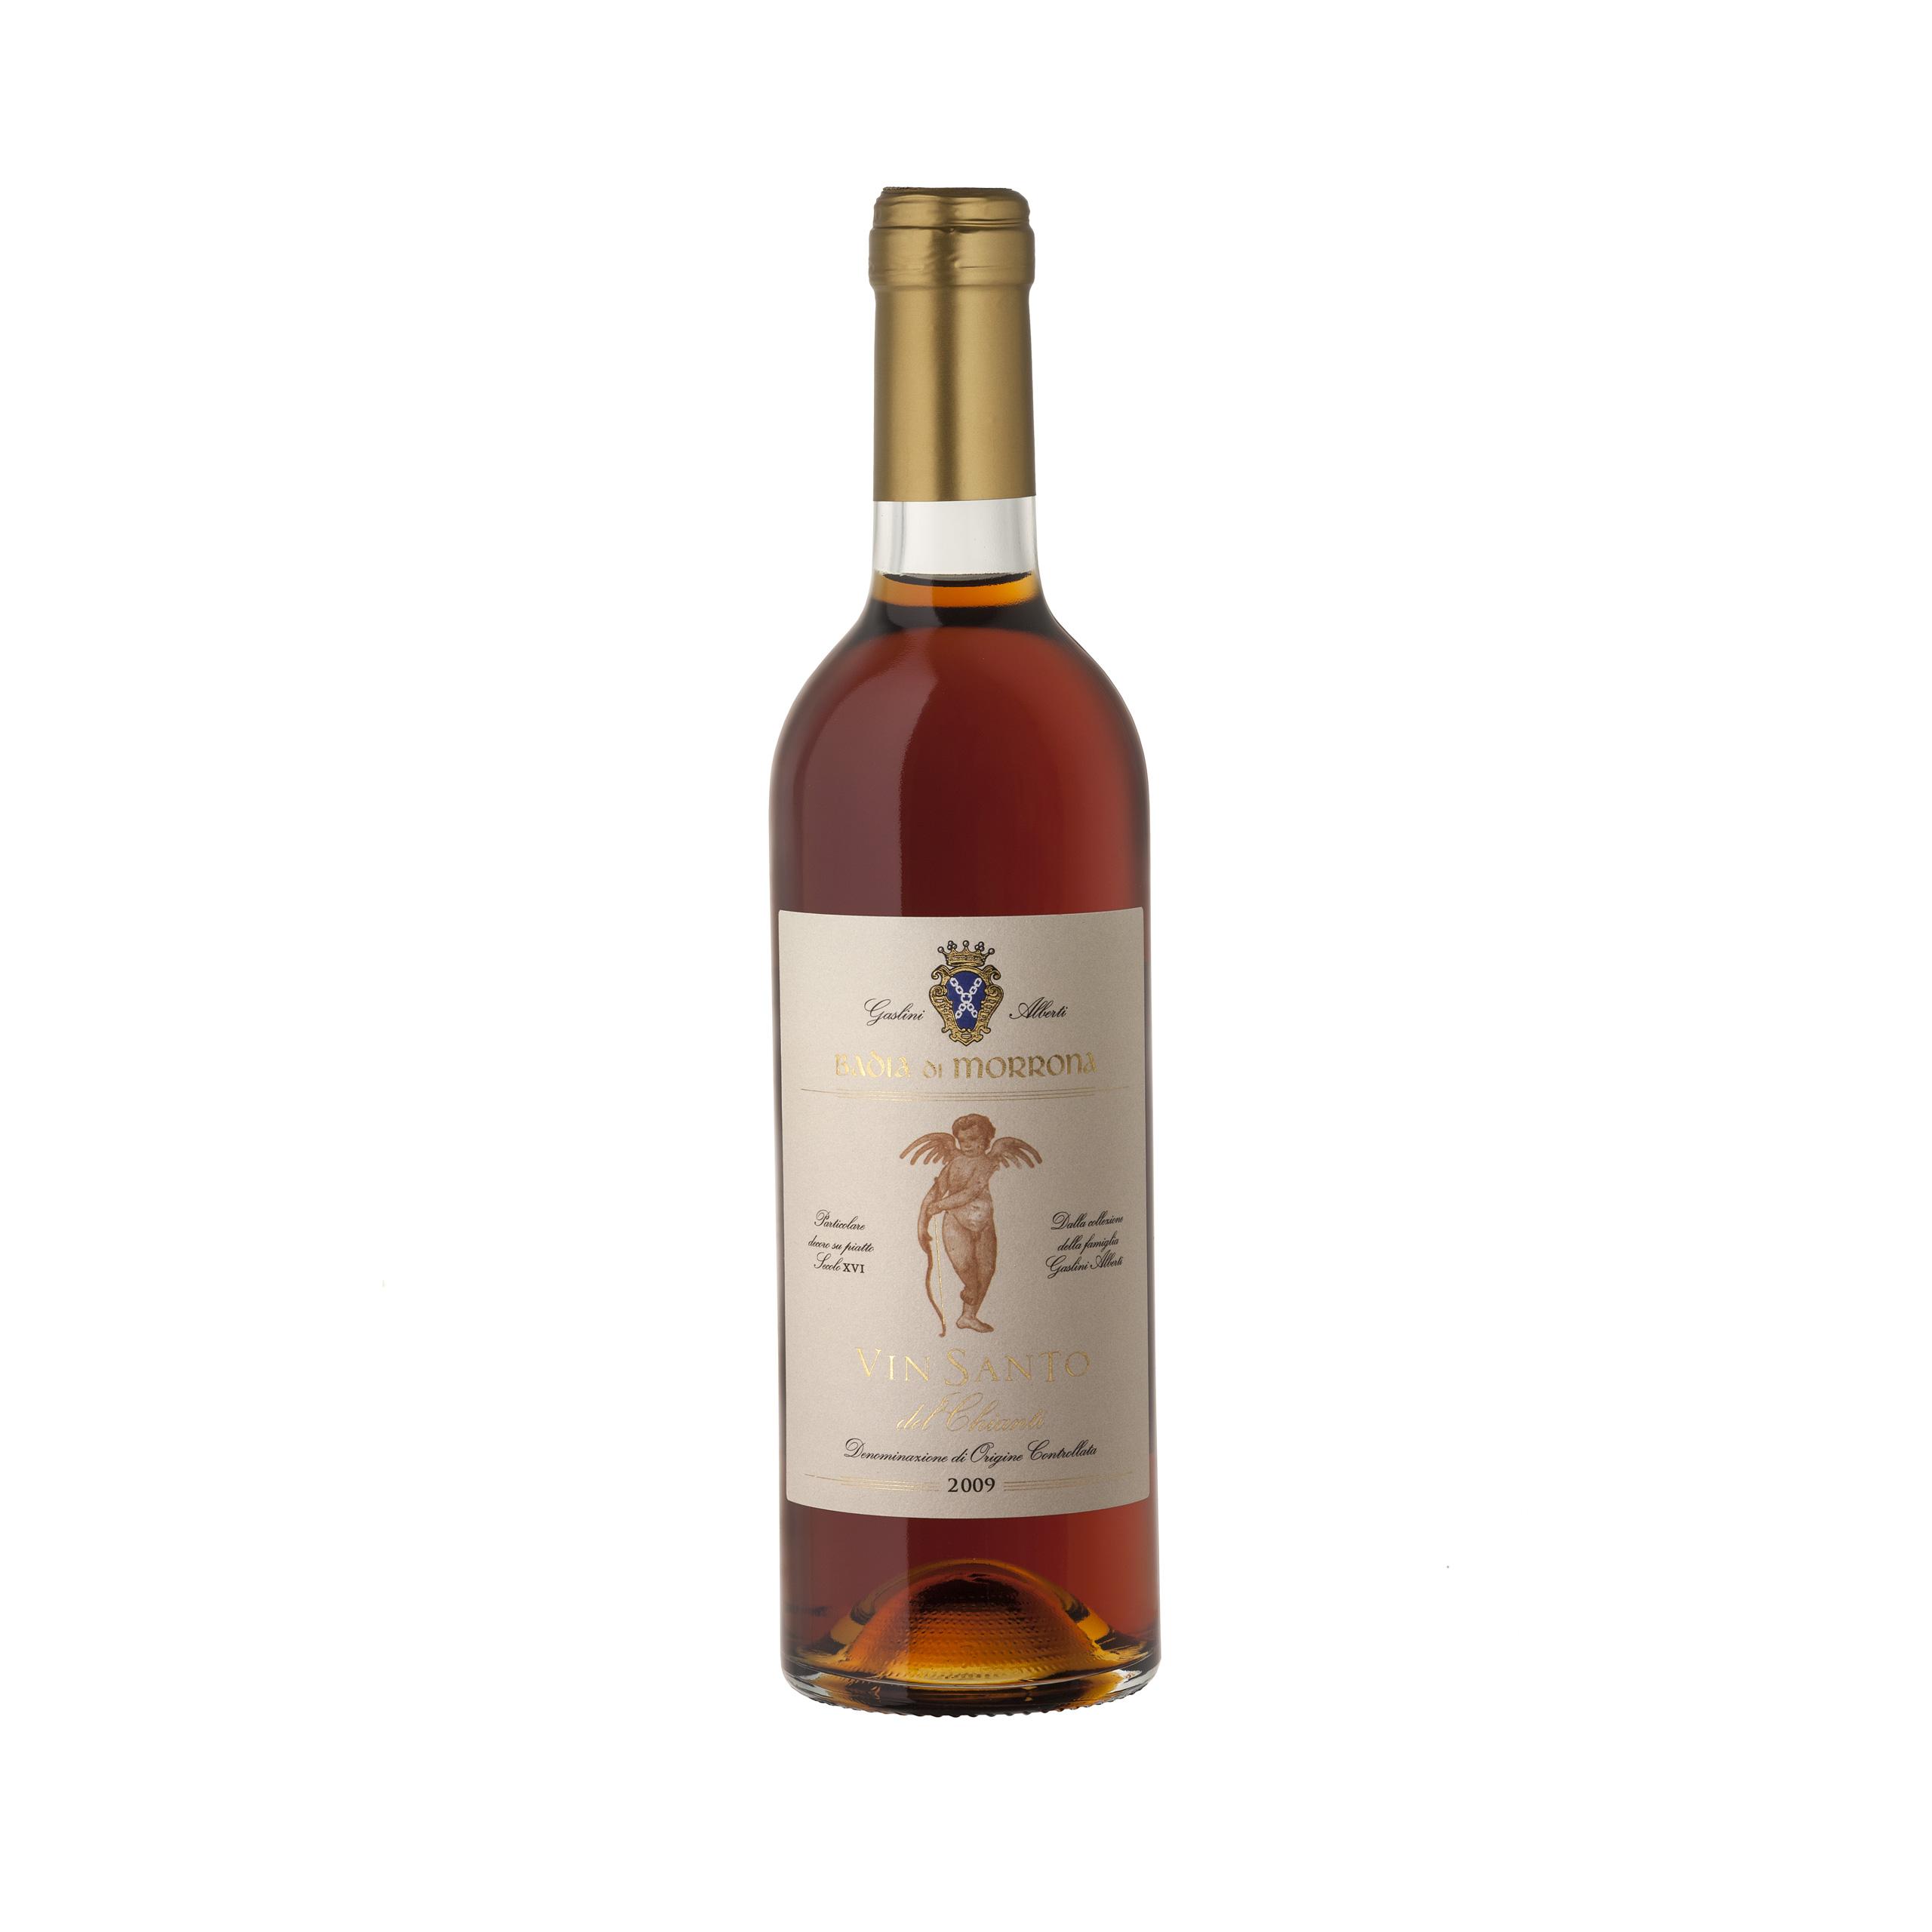 Vin Santo - Badia di Morrona